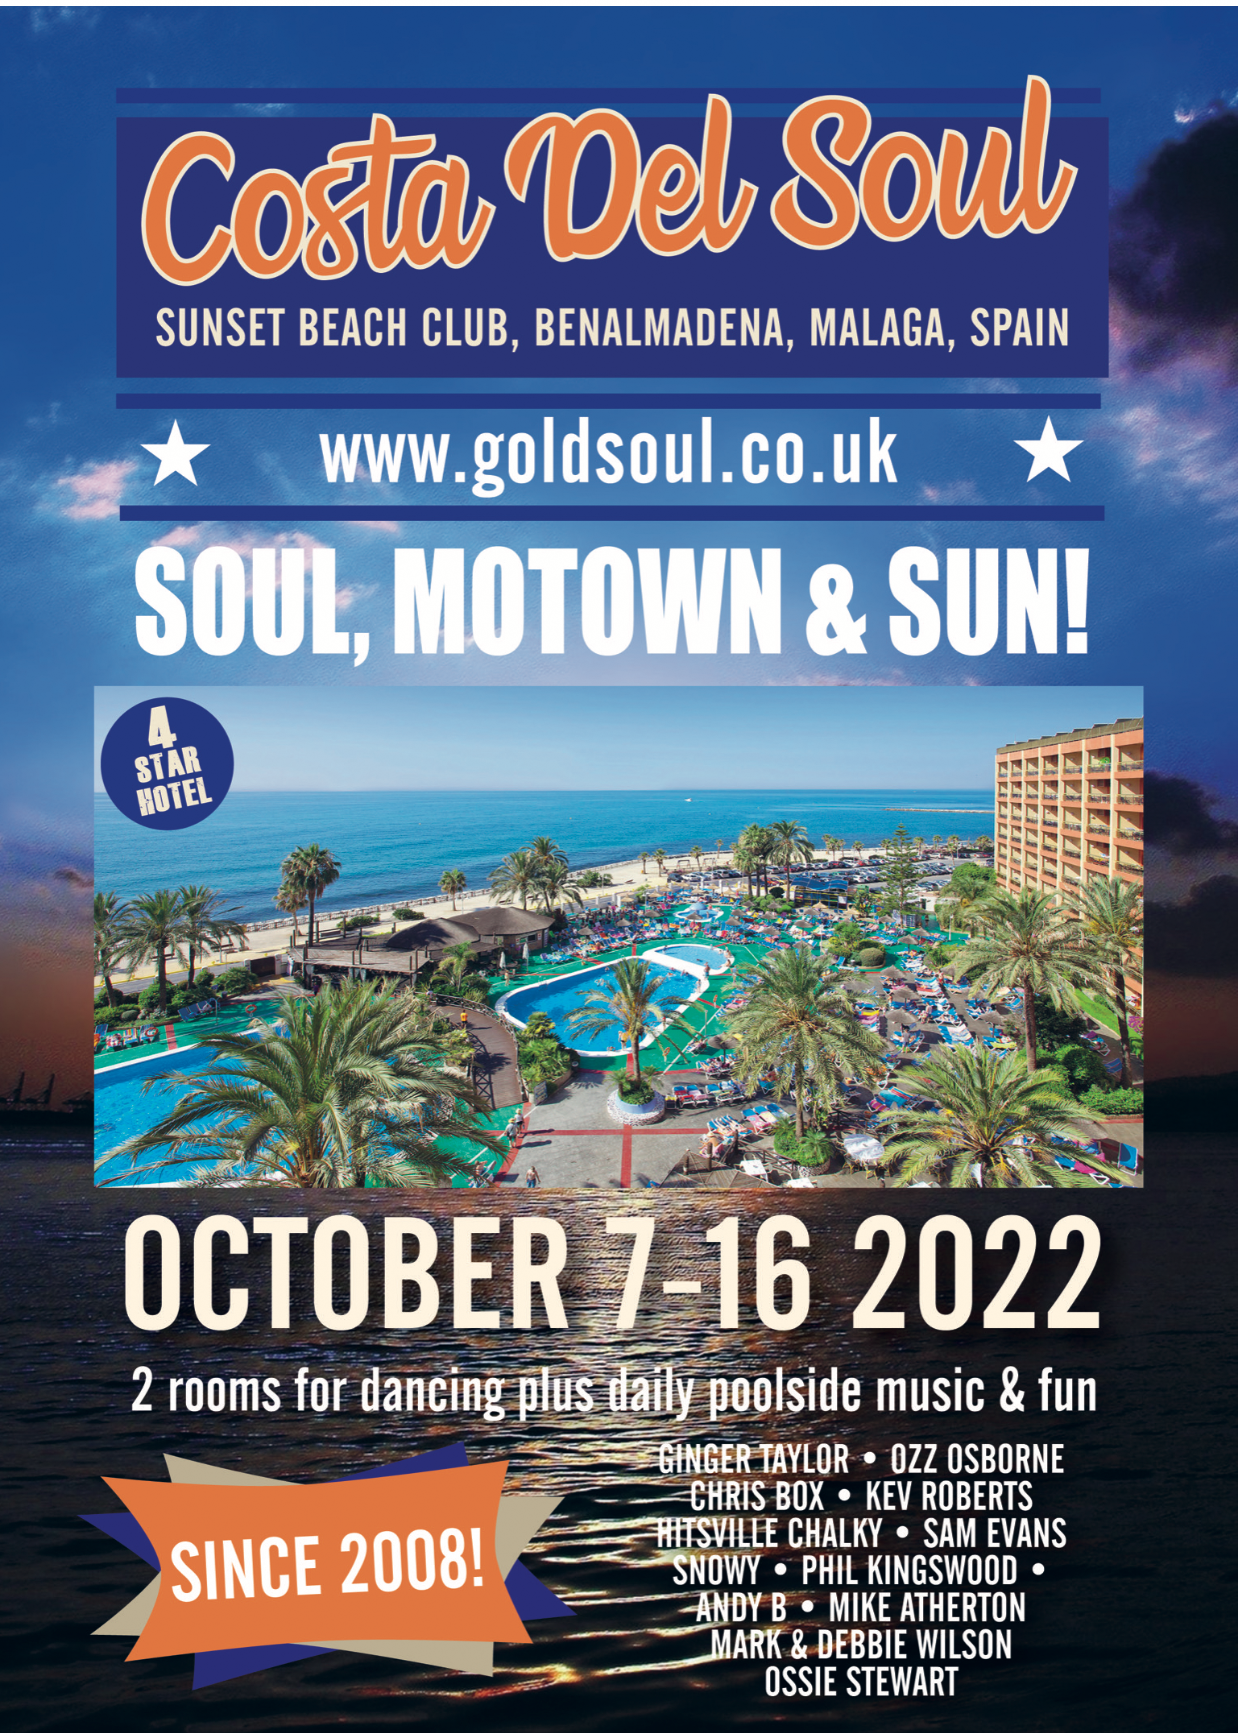 Costa Del Soul Benalmadena flyer